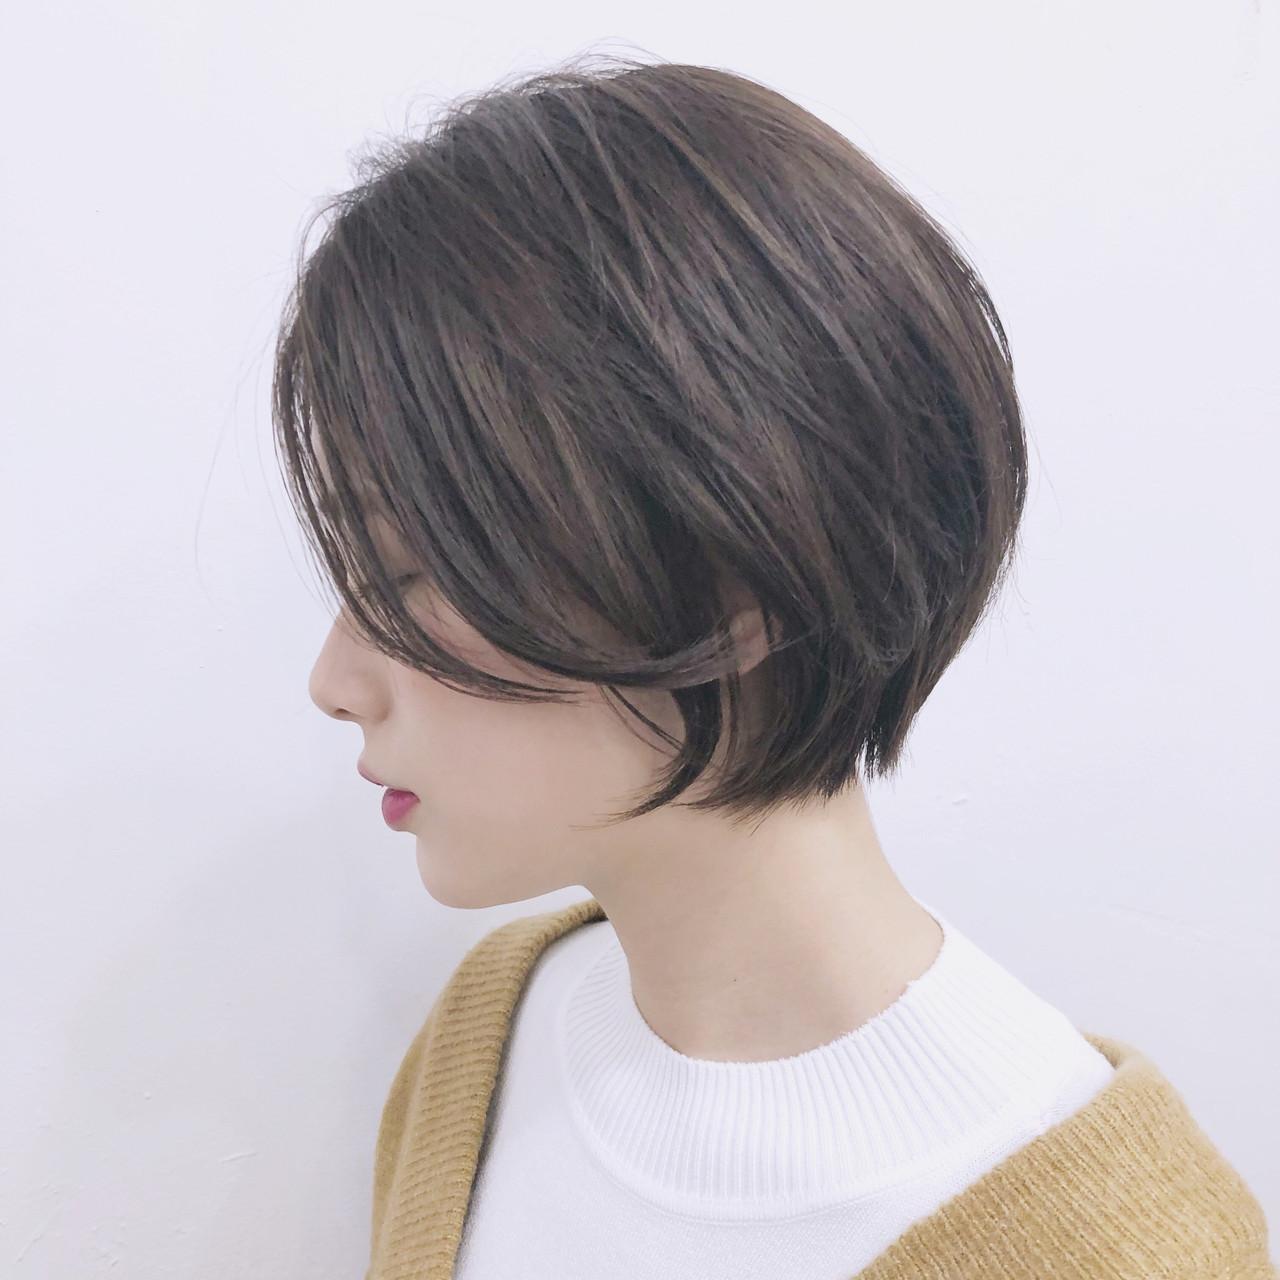 ショート アウトドア アンニュイほつれヘア エレガントヘアスタイルや髪型の写真・画像